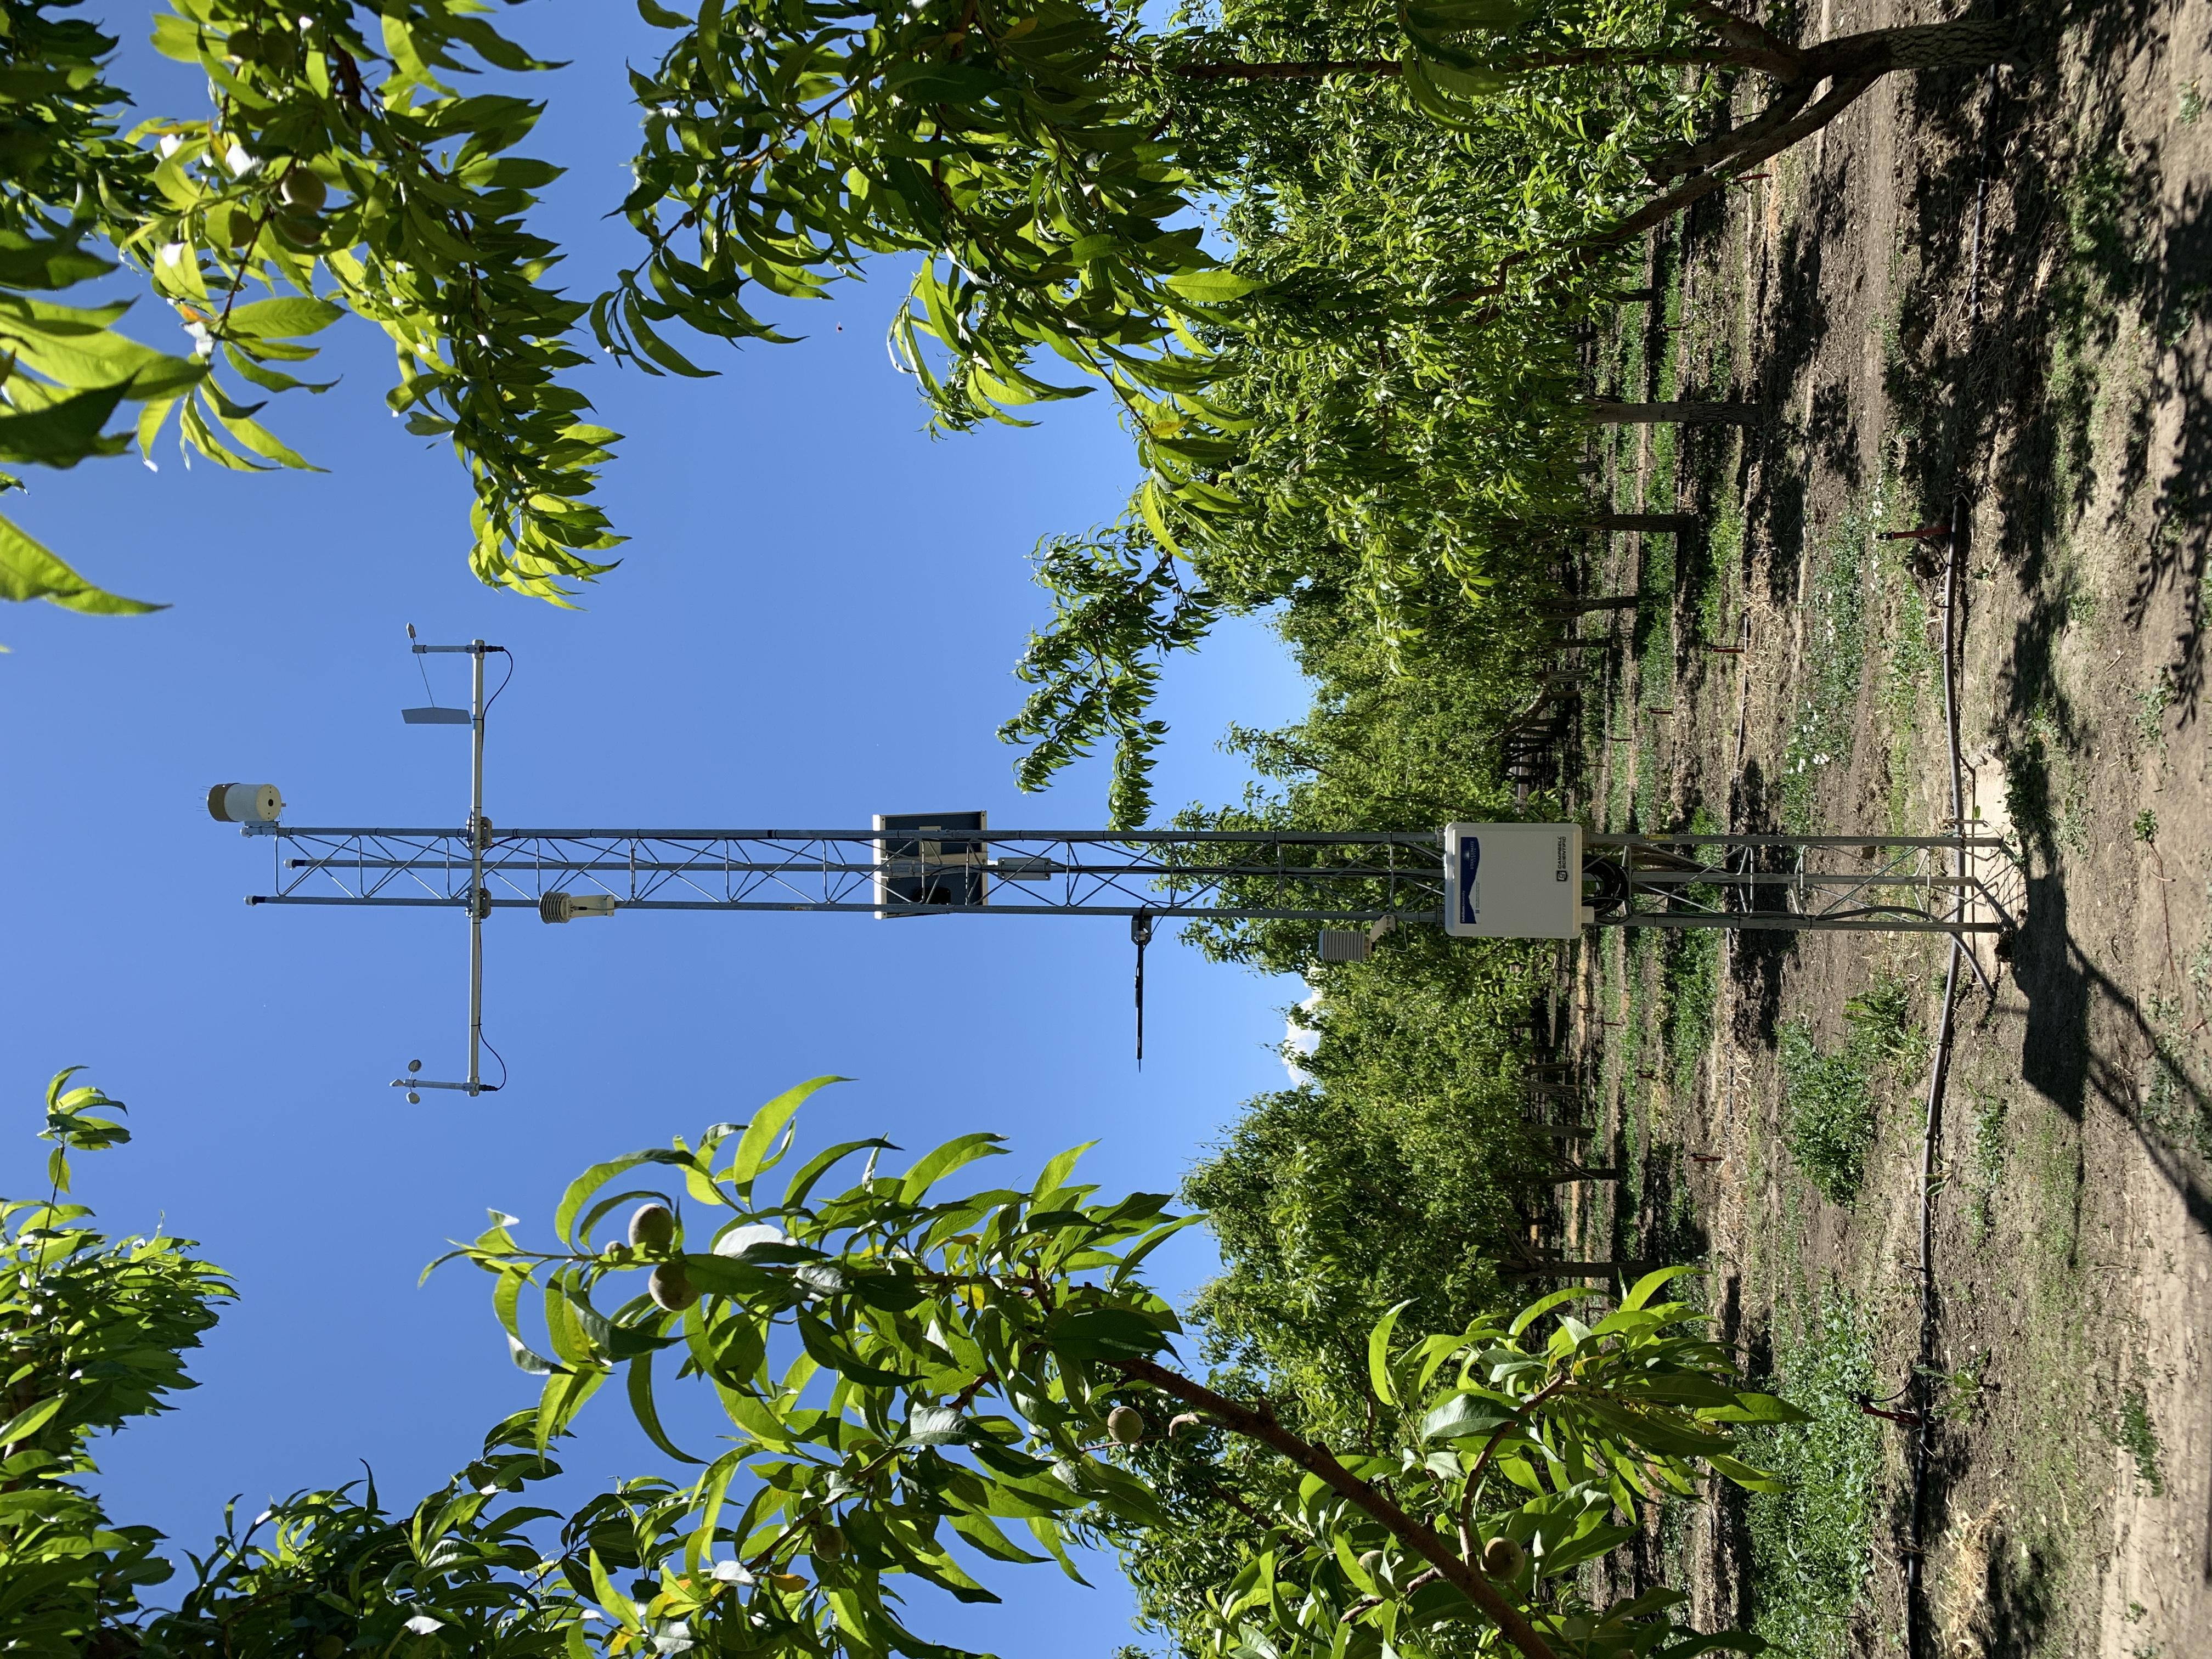 Orchard monitoring